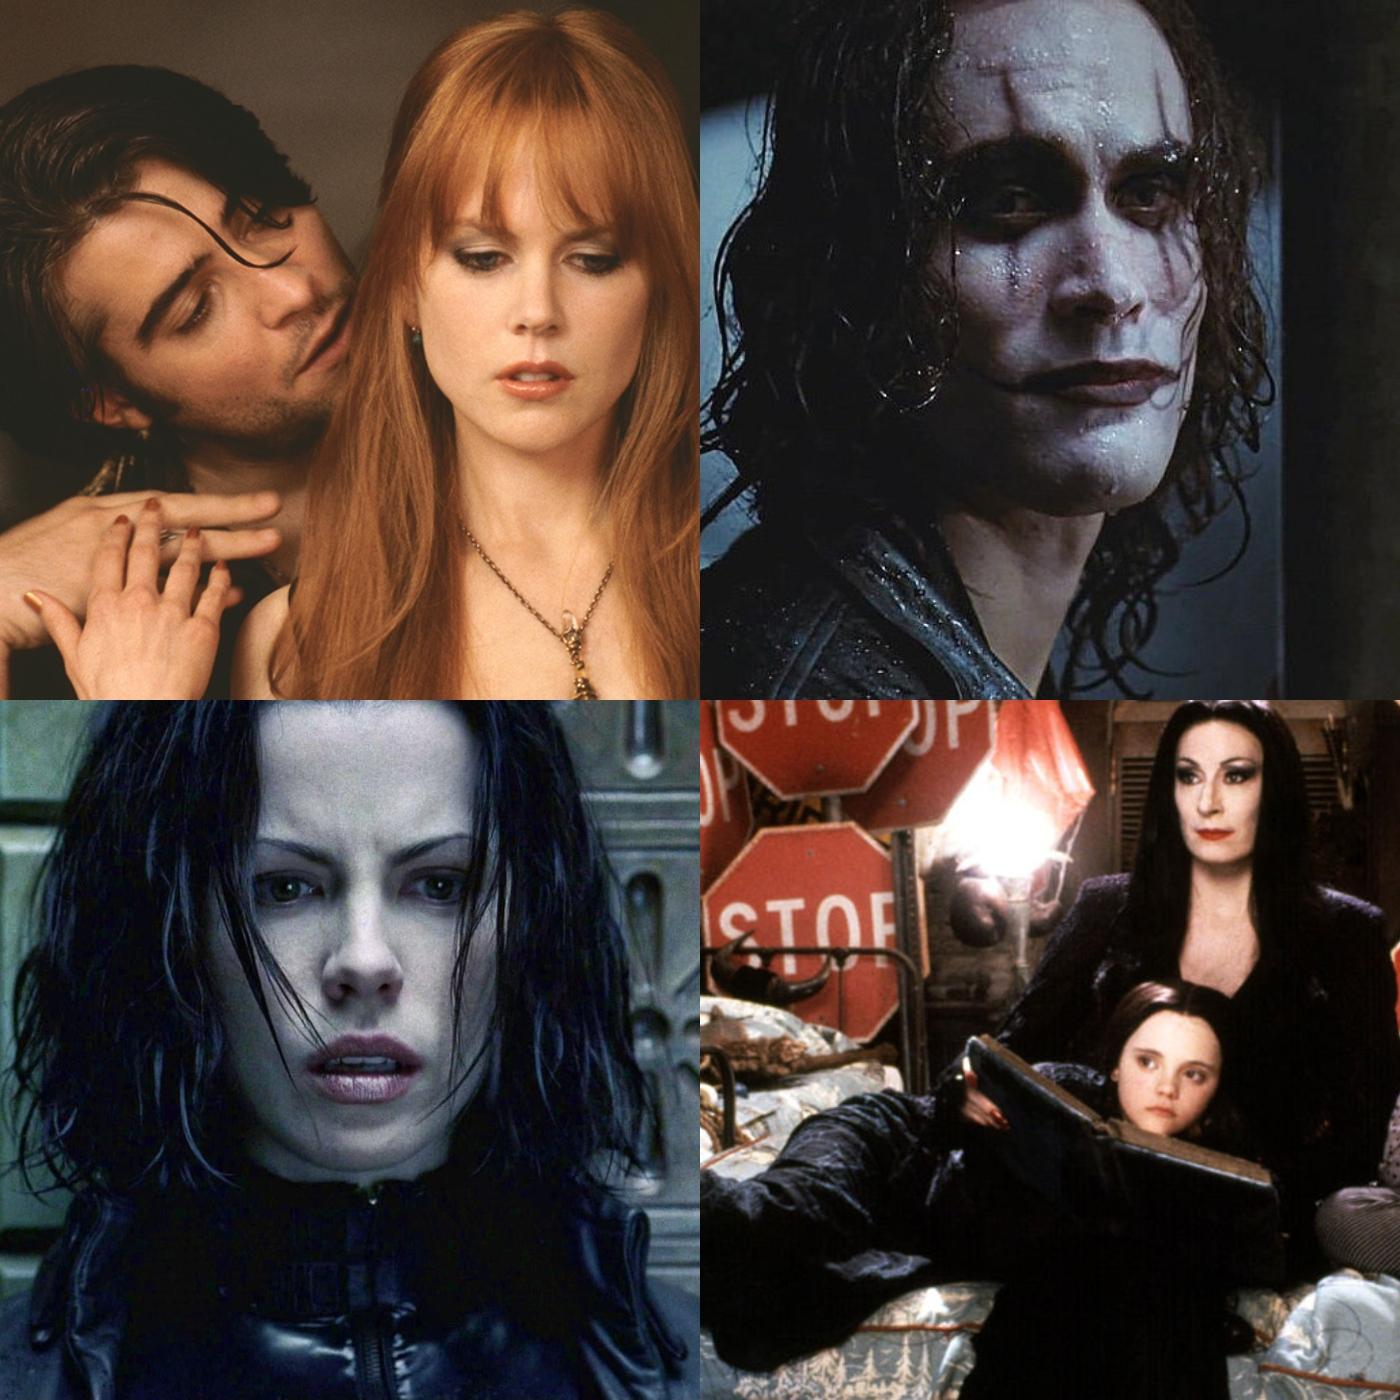 24 filmat më të mirë klasikë që duhet t'i shihni për Halloween!